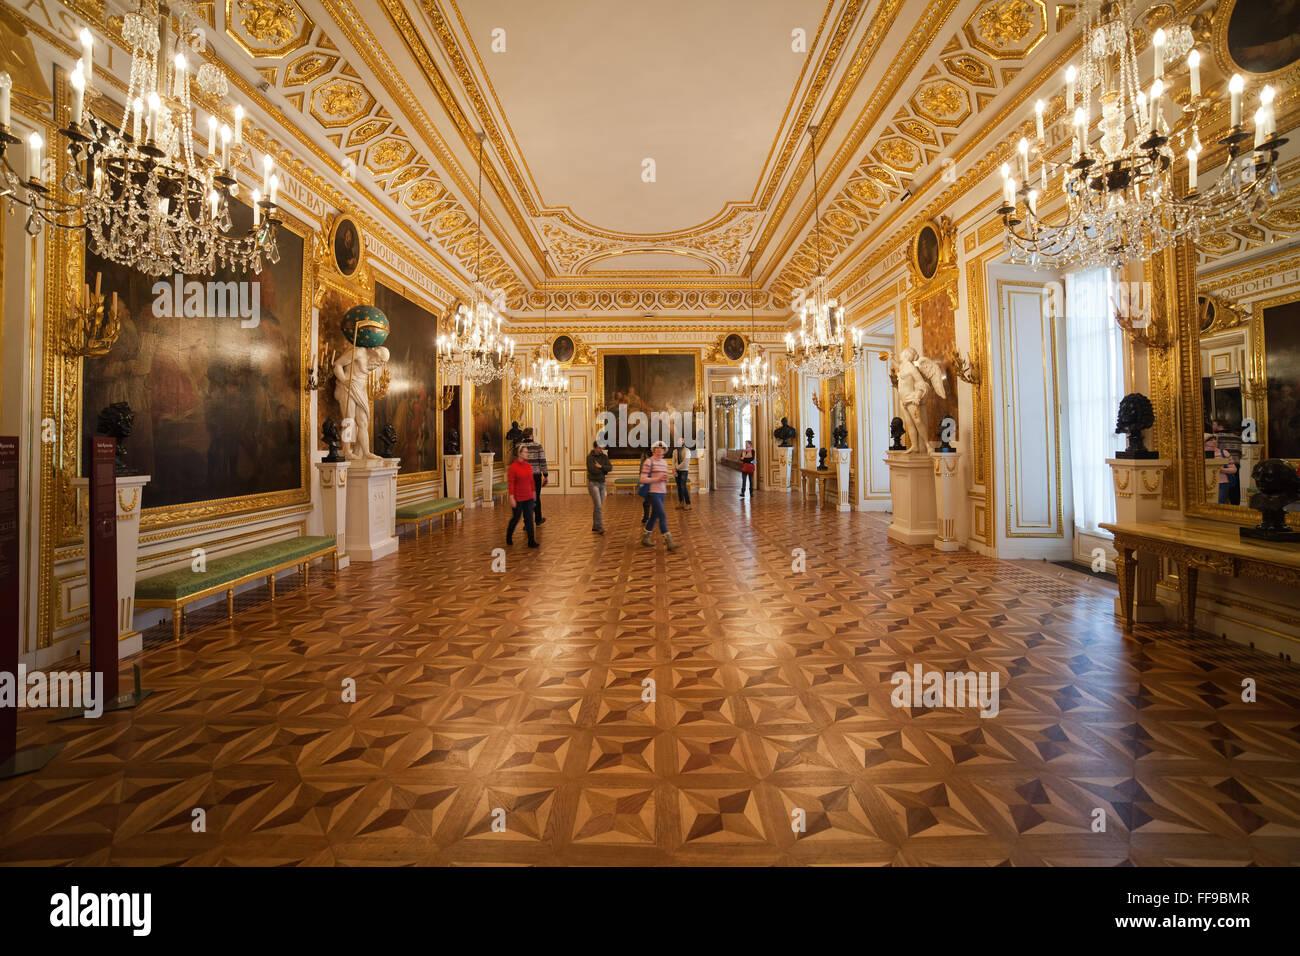 poland royal castle interior stock photos & poland royal castle